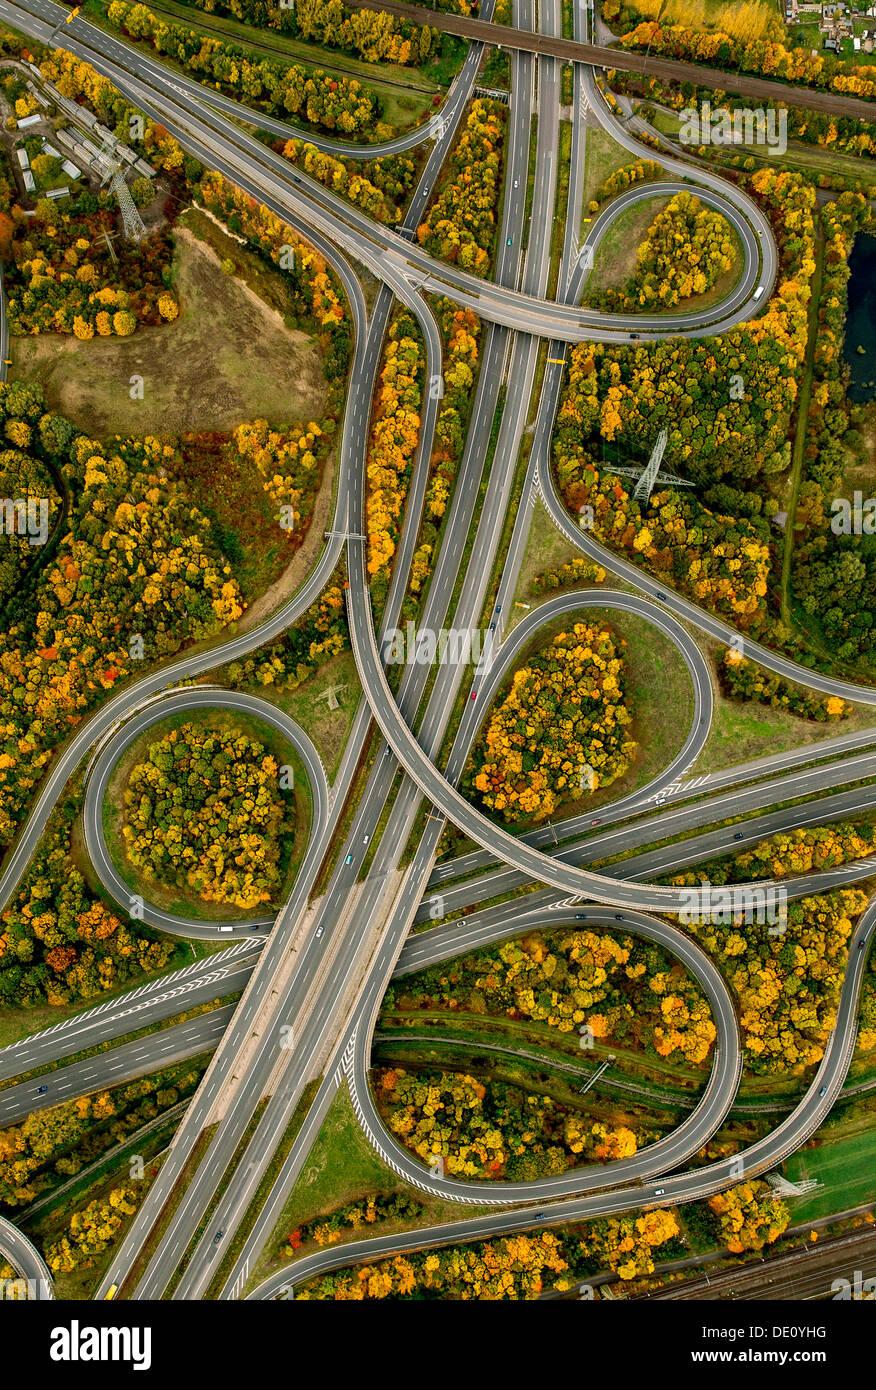 Vista aerea, Springorumknoten svincolo della superstrada e Bundesstraße 236N autostrada, autunno, Dortmund, regione della Ruhr Immagini Stock